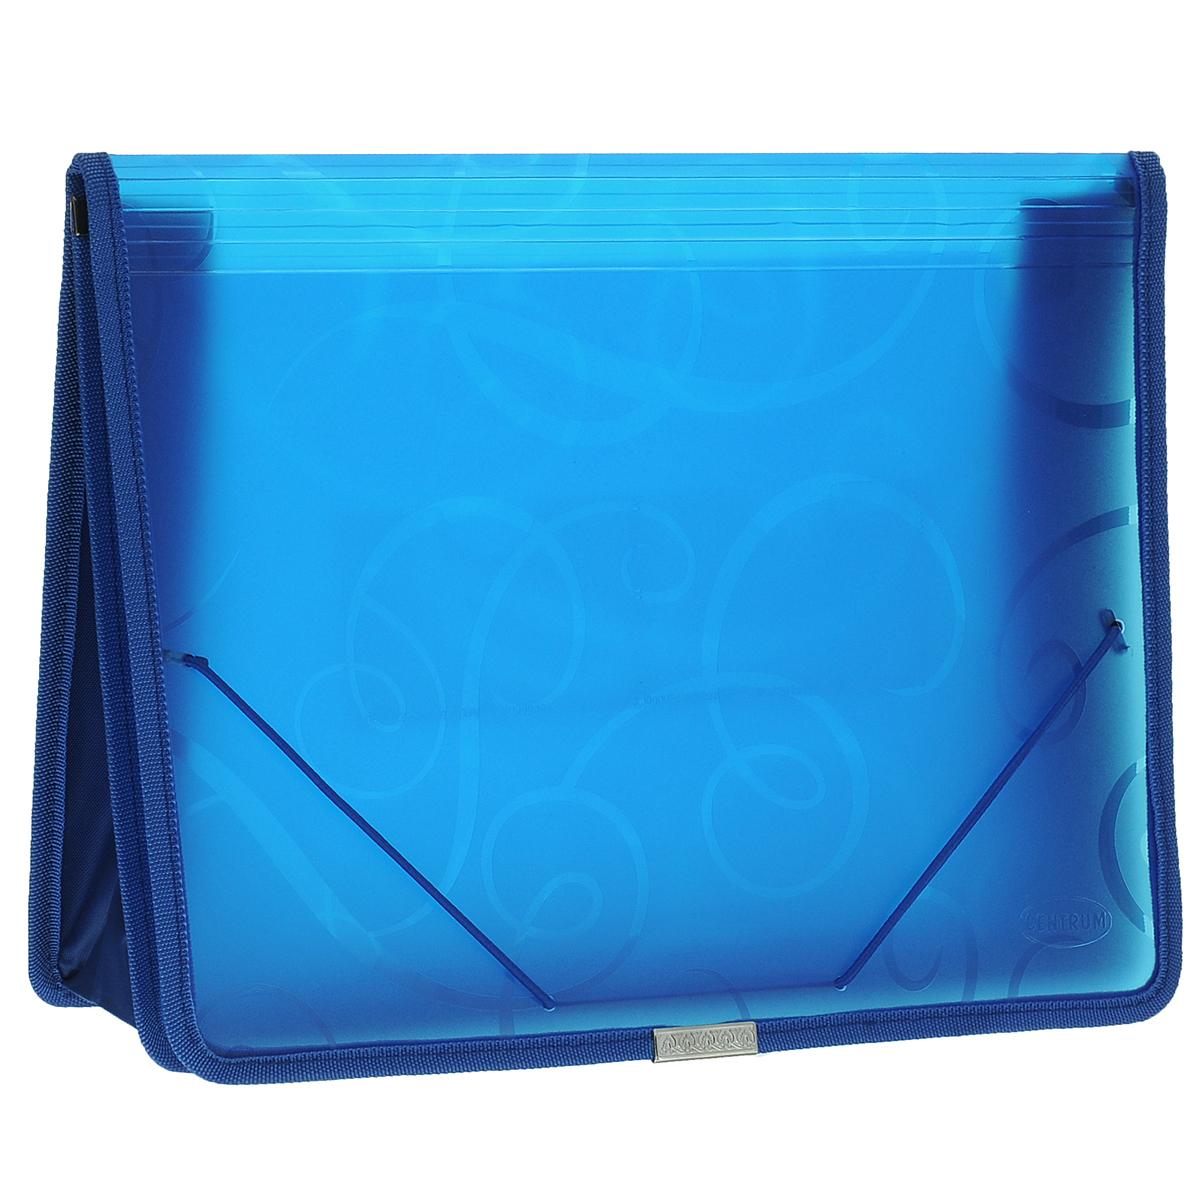 Папка-конверт на резинке Centrum, цвет: синий. Формат А4. 8080280802СПапка-конверт на резинке Centrum - это удобный и функциональный офисный инструмент, предназначенный для хранения и транспортировки рабочих бумаг и документов формата А4. Папка с двойной угловой фиксацией резиновой лентой изготовлена из износостойкого полупрозрачного полипропилена. Внутри папка имеет одно объемное отделение повышенной вместимости и 2 прозрачных открытых кармашка. Грани папки отделаны полиэстером, что обеспечивает дополнительную прочность и опрятный вид папки. Клапан украшен декоративным металлическим элементом. Папка оформлена тиснением в виде абстрактного орнамента. Папка - это незаменимый атрибут для студента, школьника, офисного работника. Такая папка надежно сохранит ваши документы и сбережет их от повреждений, пыли и влаги.